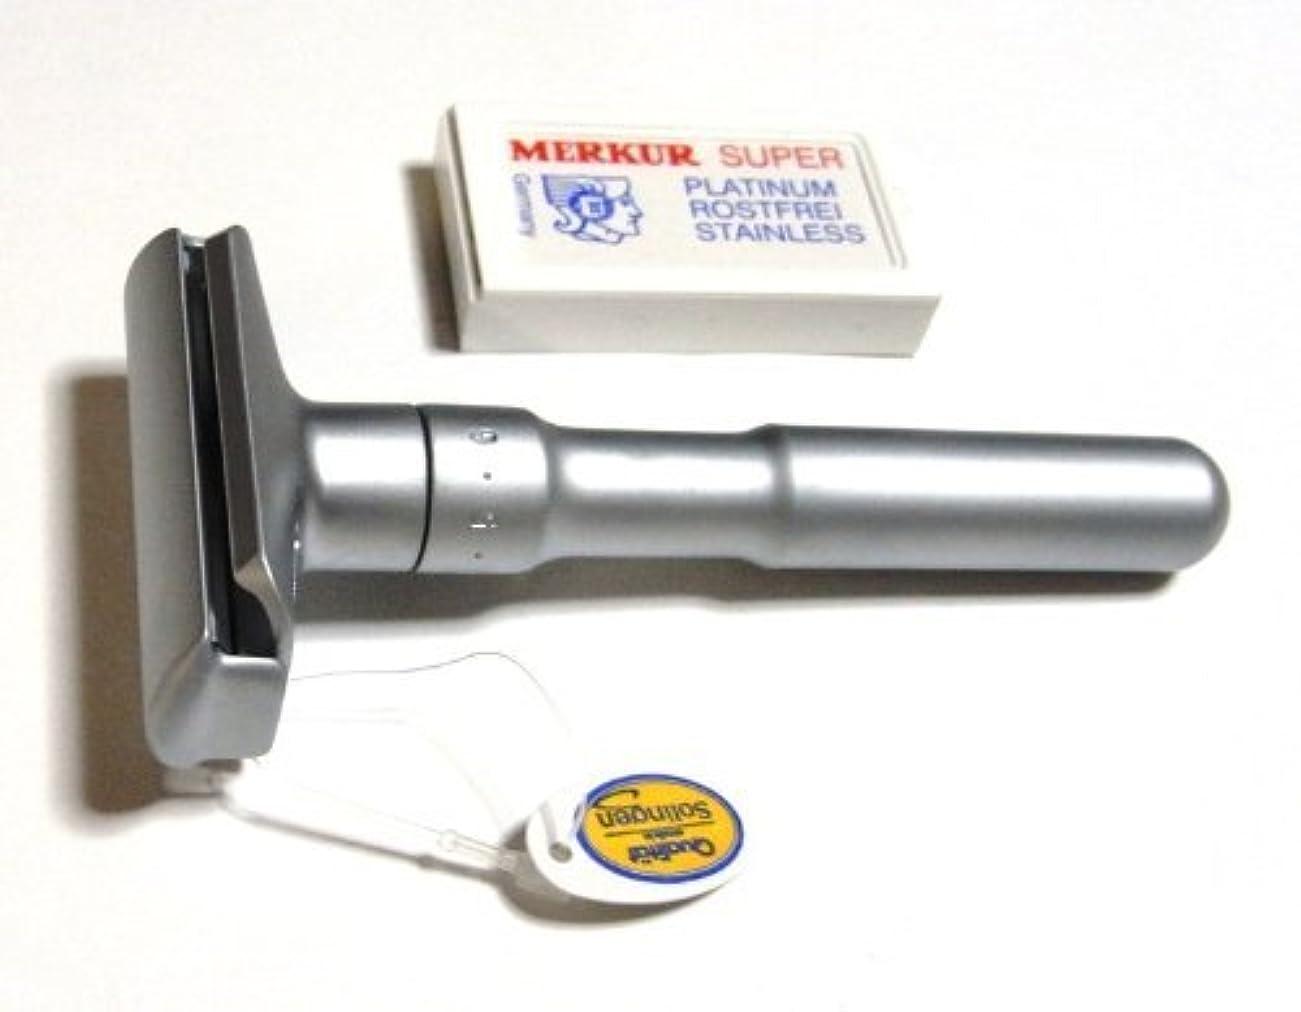 所有者確認タンクメルクールMERKUR(独) 髭剃り(ひげそり)両刃ホルダーFUTUR 700S 角度調節機能付 サテン(替刃10+1枚付)